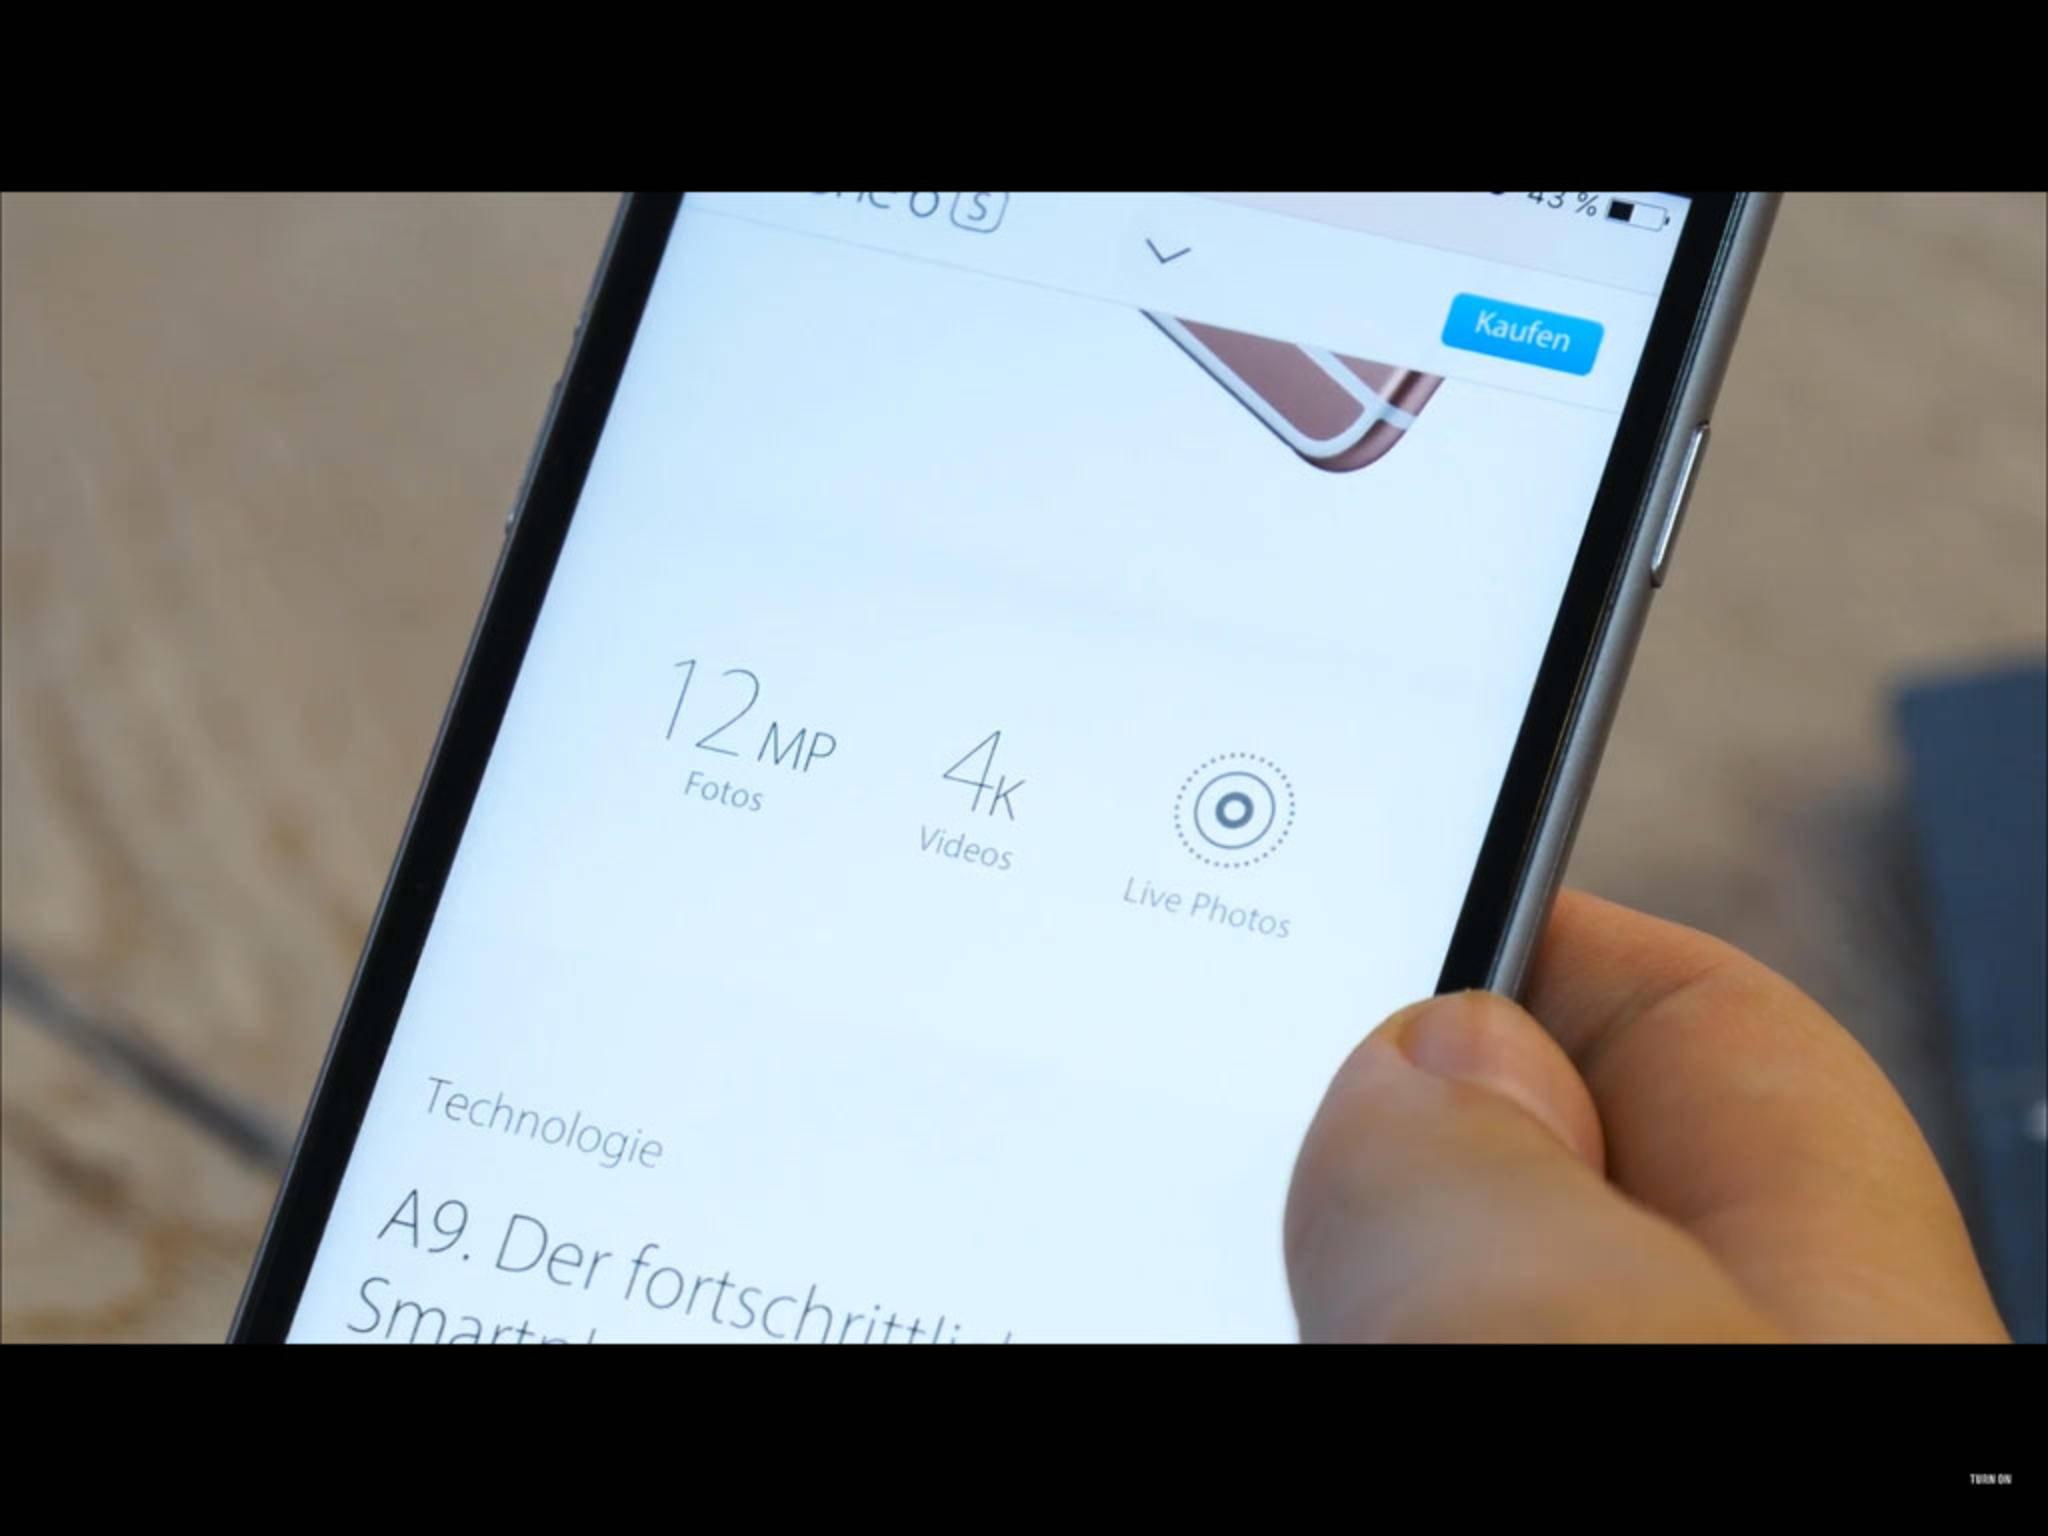 Besonders das Anschauen von Videos macht auf dem iPad Pro viel Spaß.